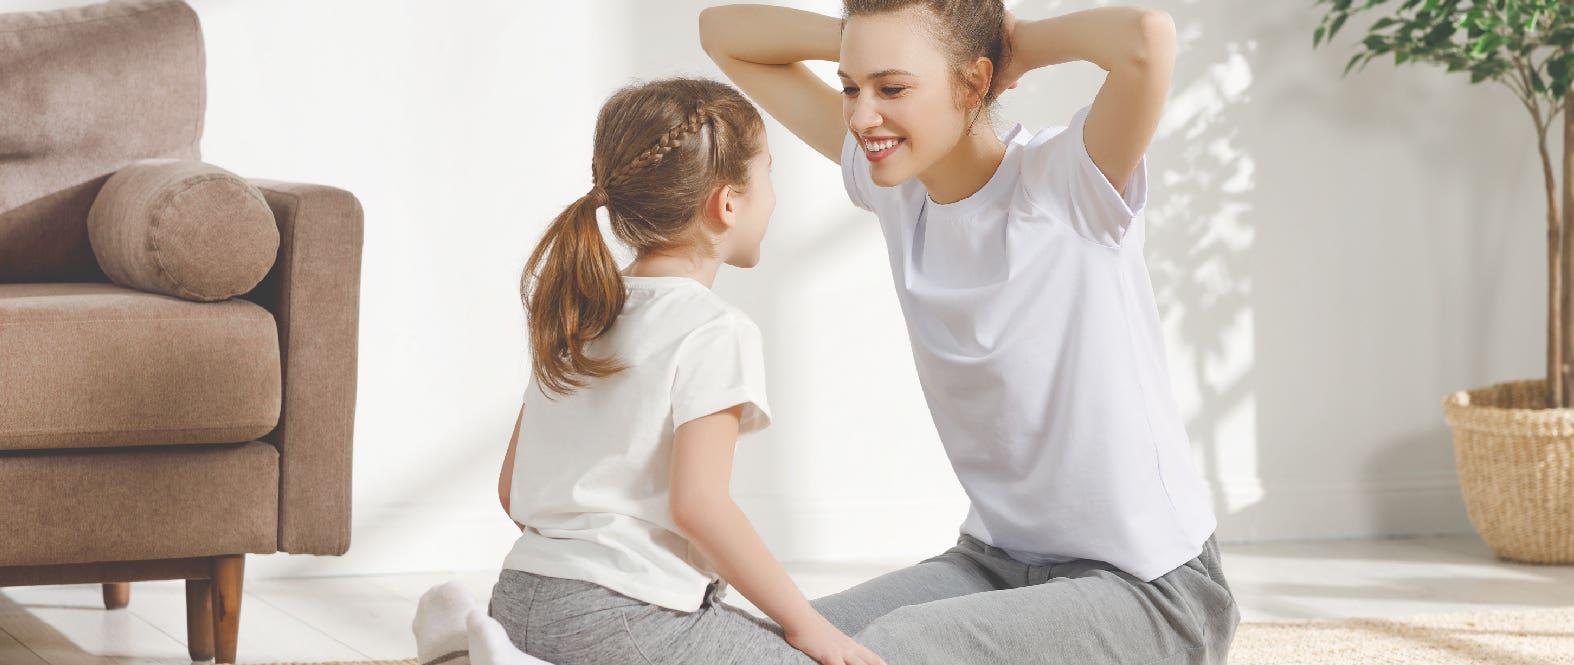 Actividades que te ayudan a mantener una actitud positiva